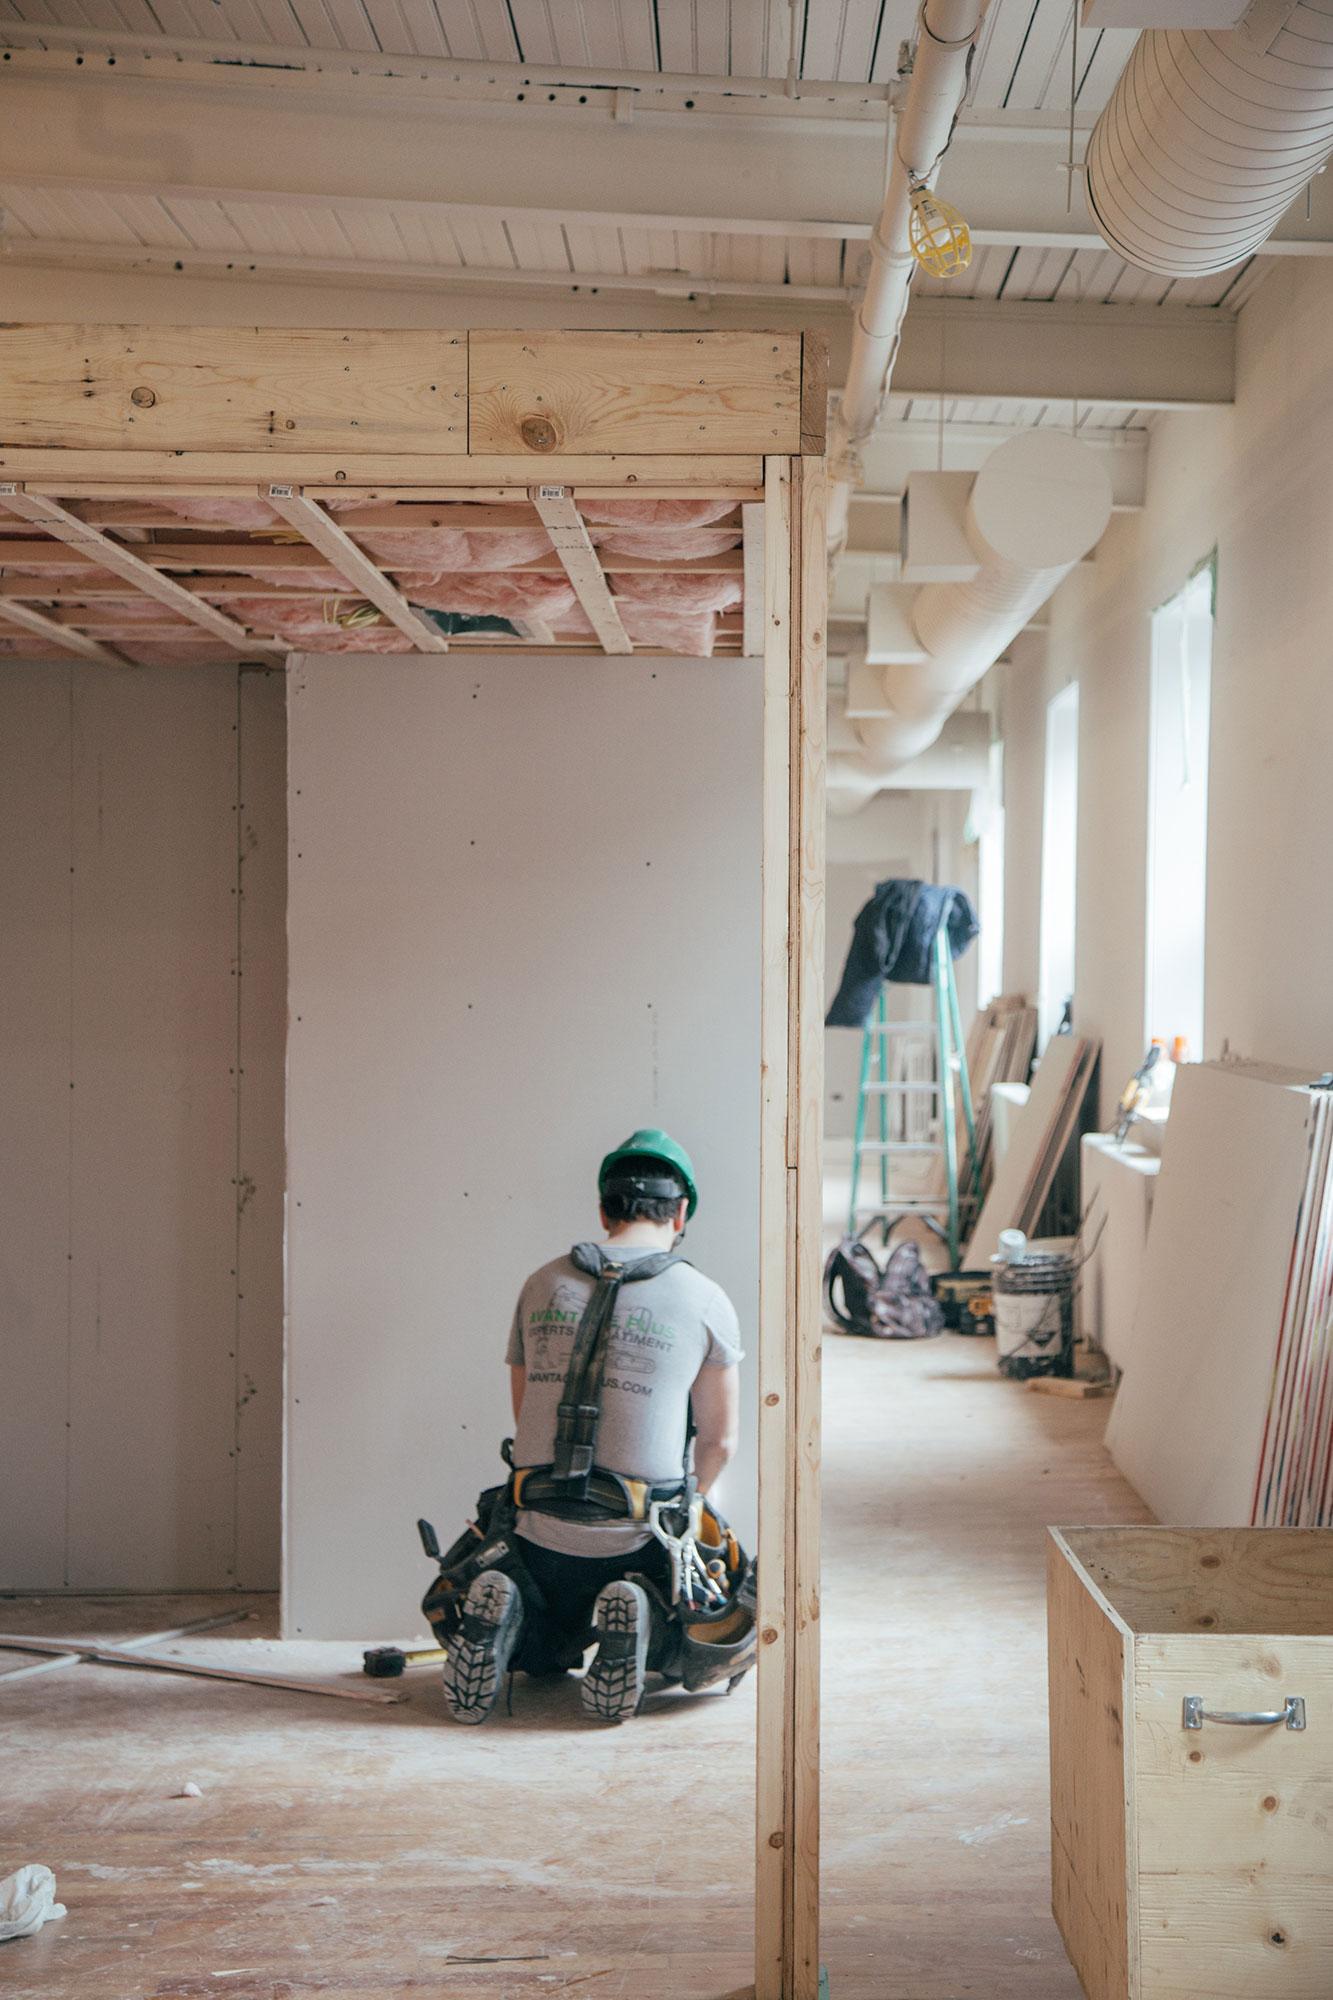 waldecker bank eg baufinanzierungrenovierung und. Black Bedroom Furniture Sets. Home Design Ideas